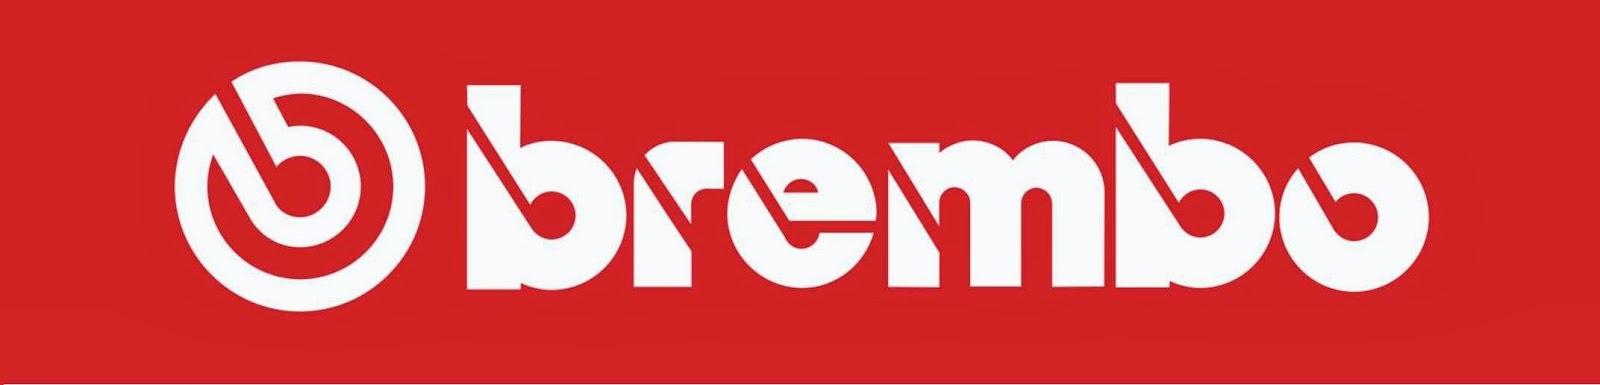 brembo_logo.jpg